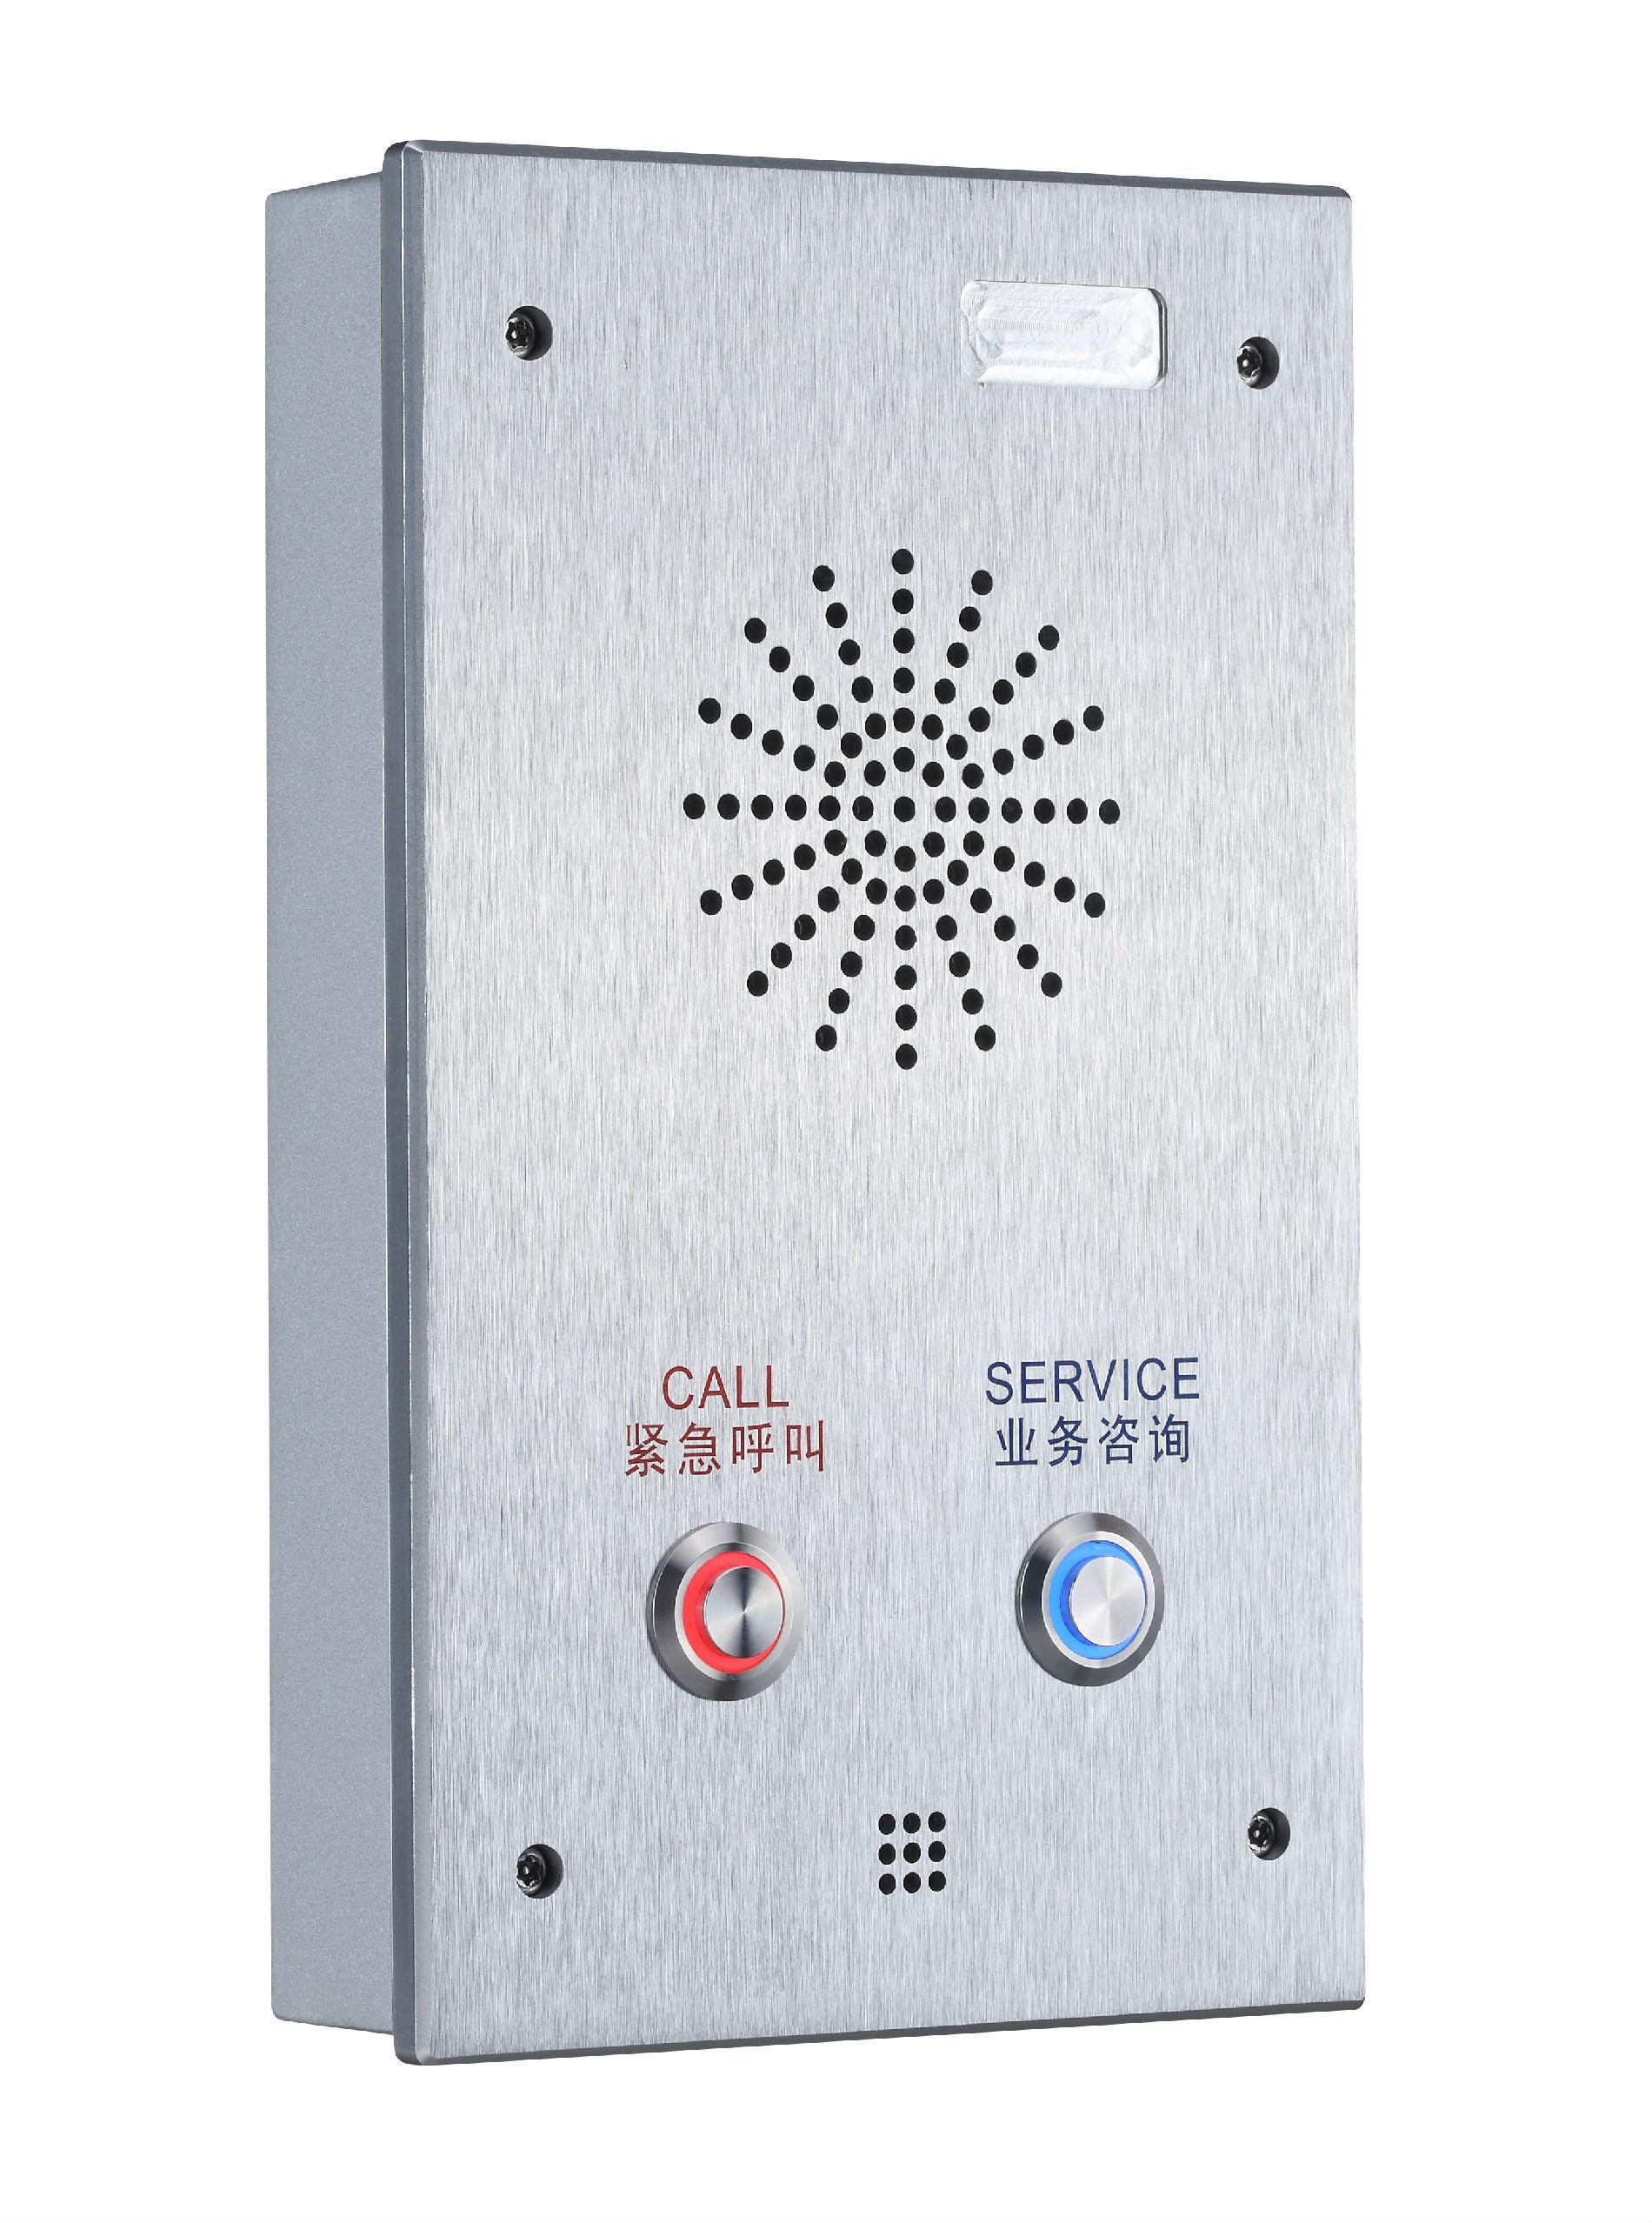 电梯对讲电话机厂家  广东双键紧急救助对讲